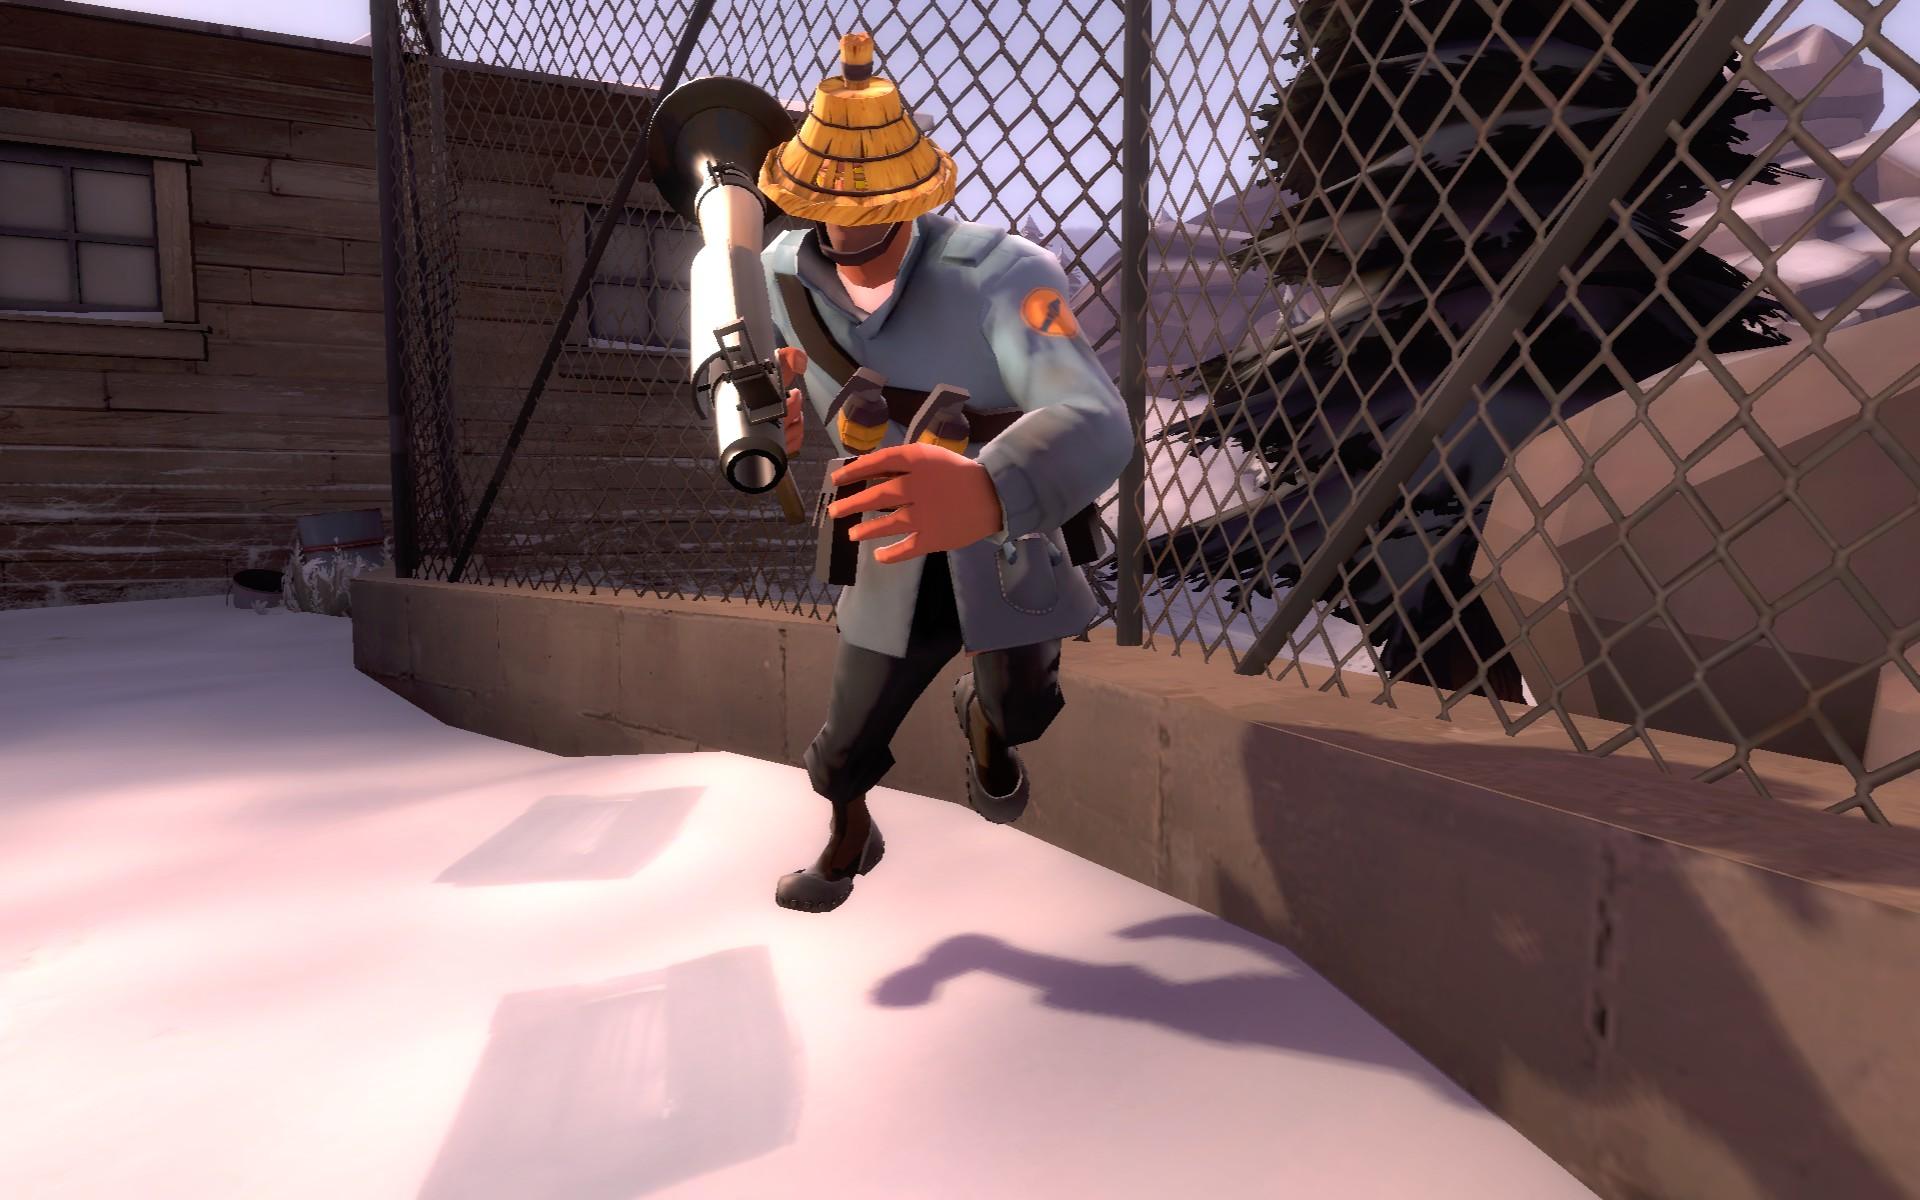 Team Fortress 2 pod nátlakem věrných čtenářů Zingu. Už potřetí 4239